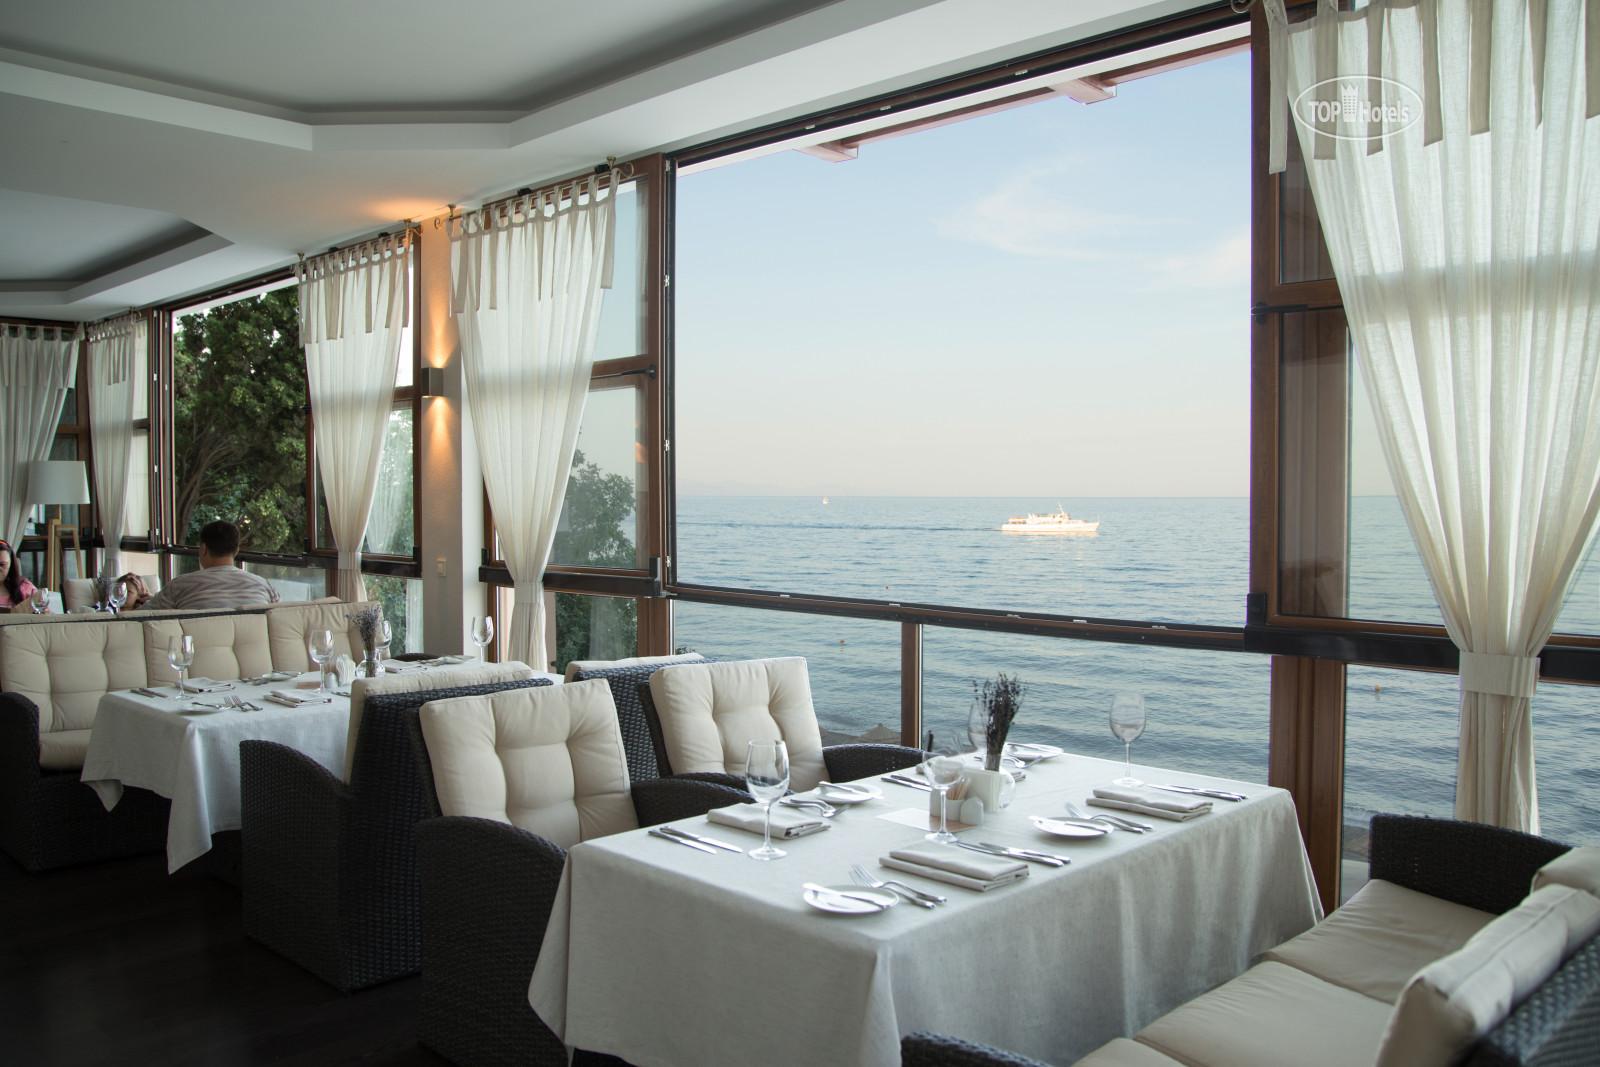 Ресторан кафе в крыму на берегу моря